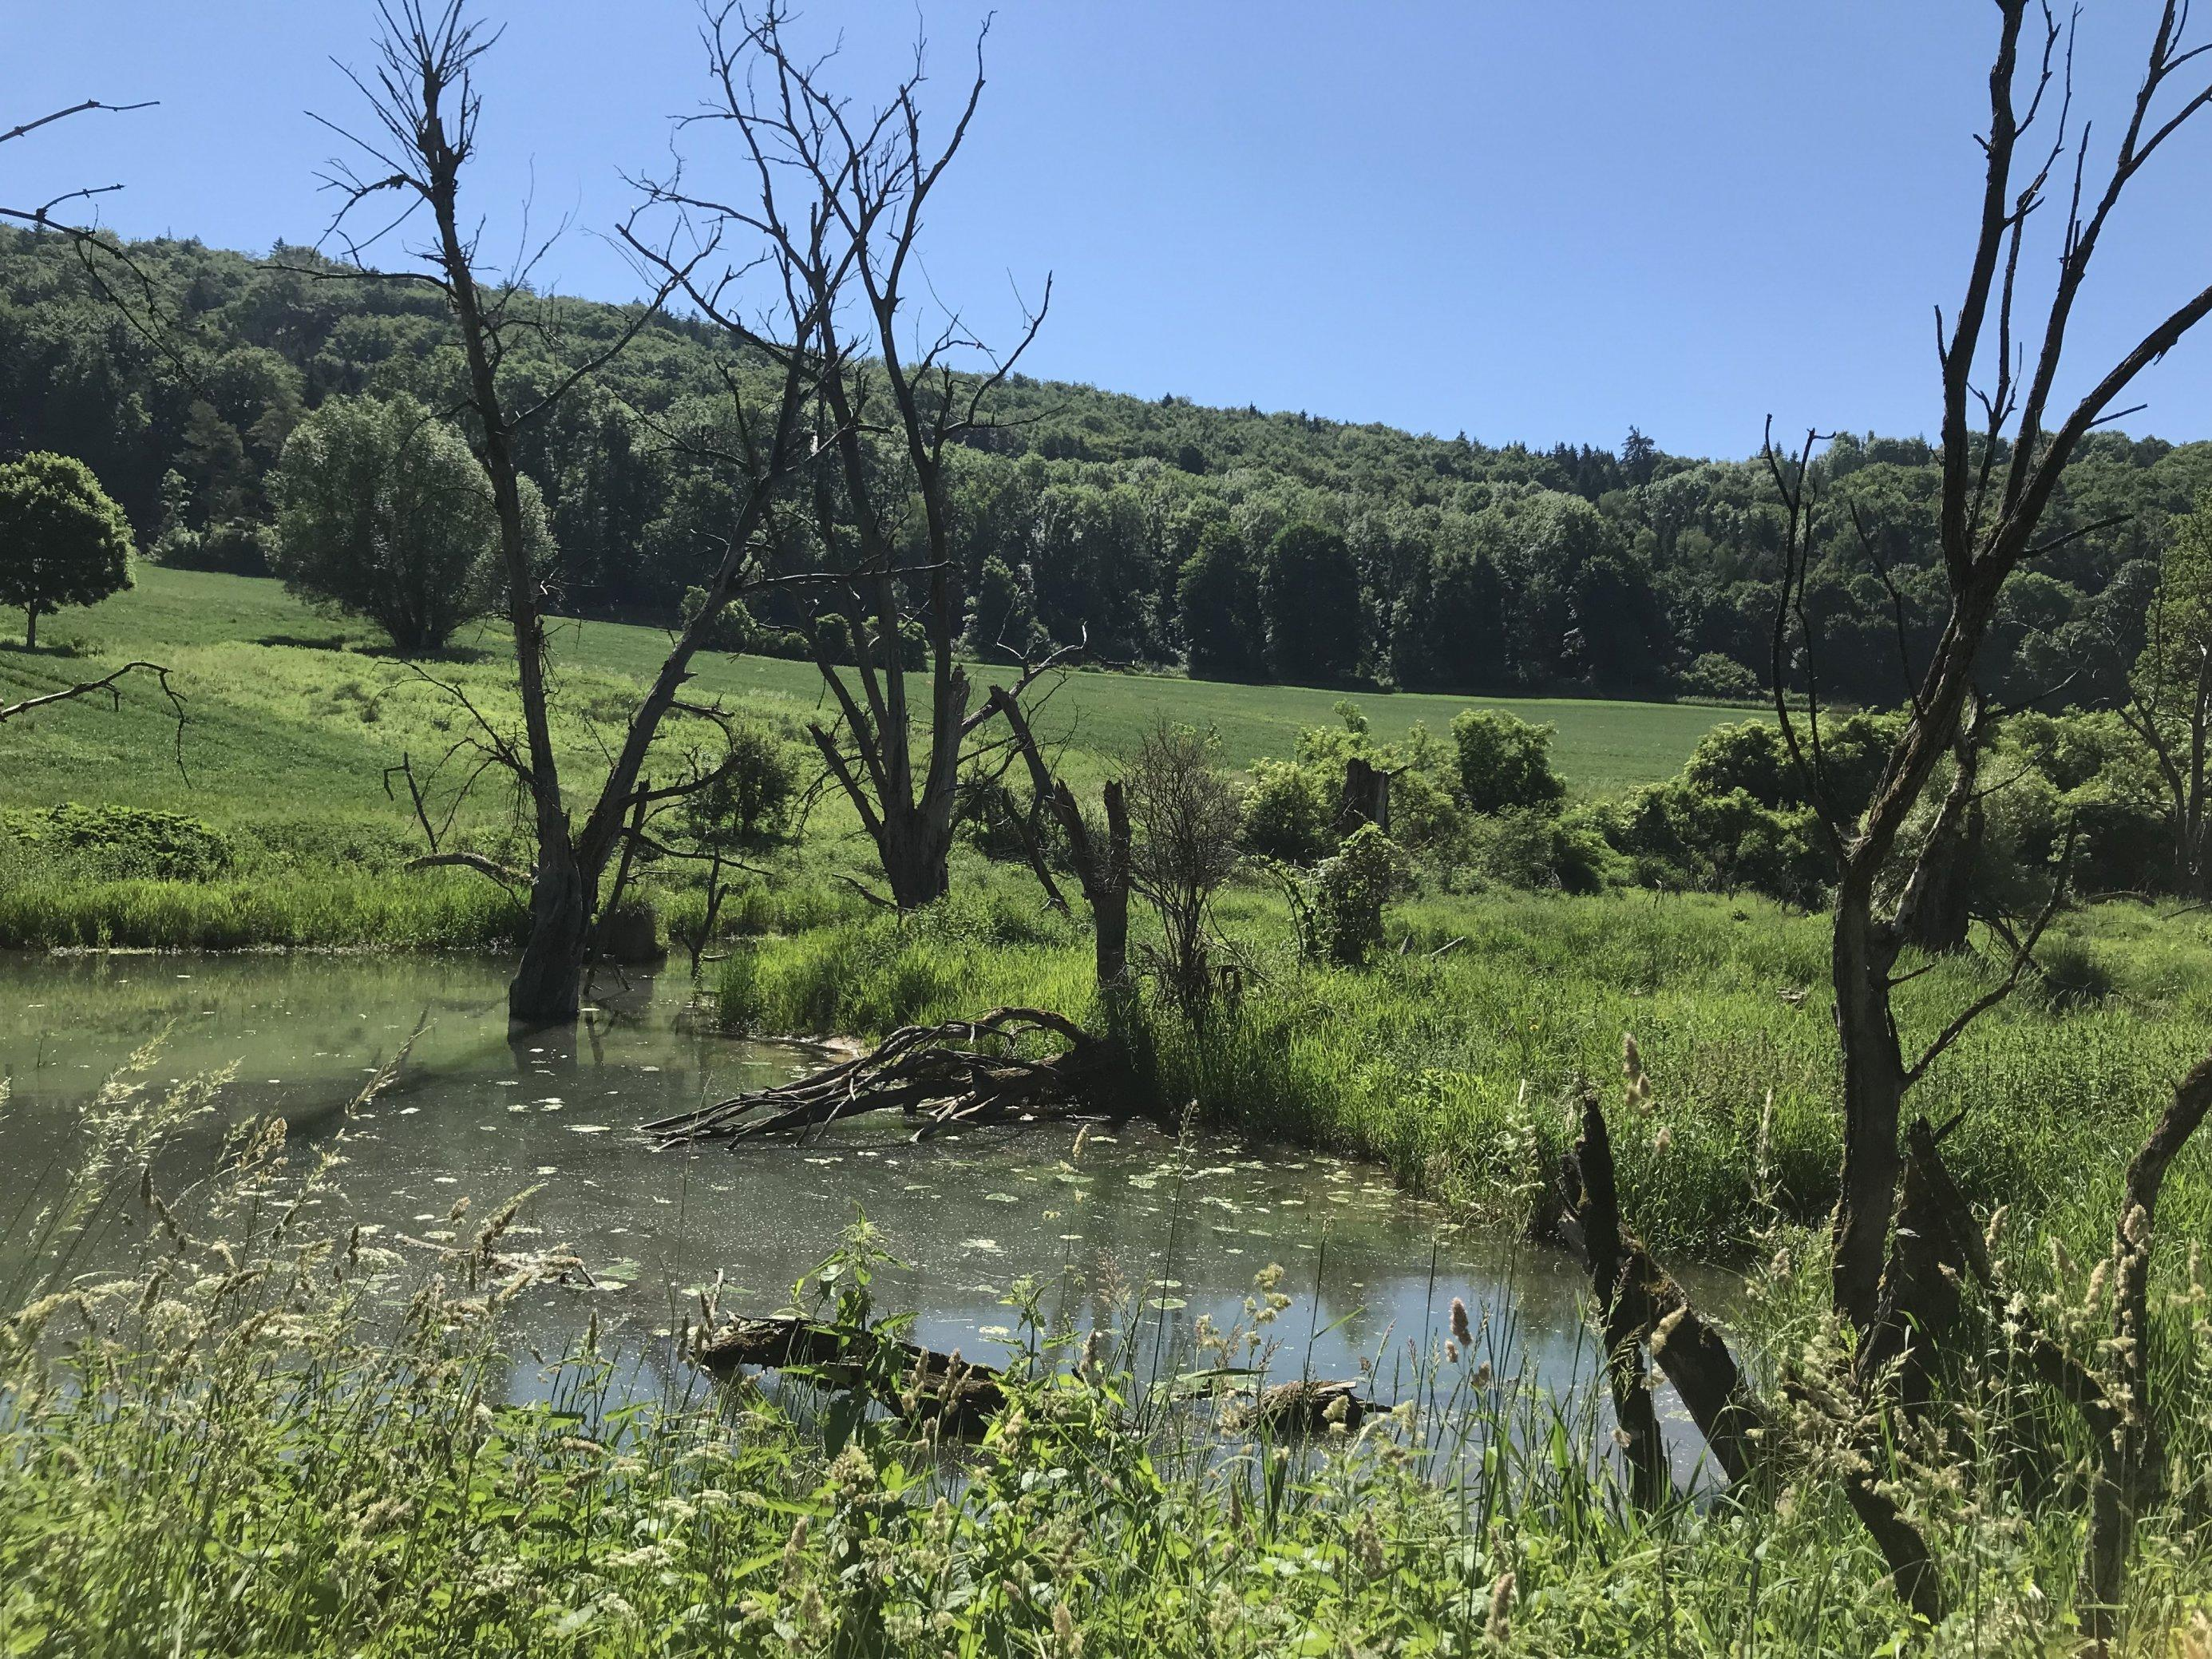 Üppig bewachsenes Flussufer mit toten Bäumen